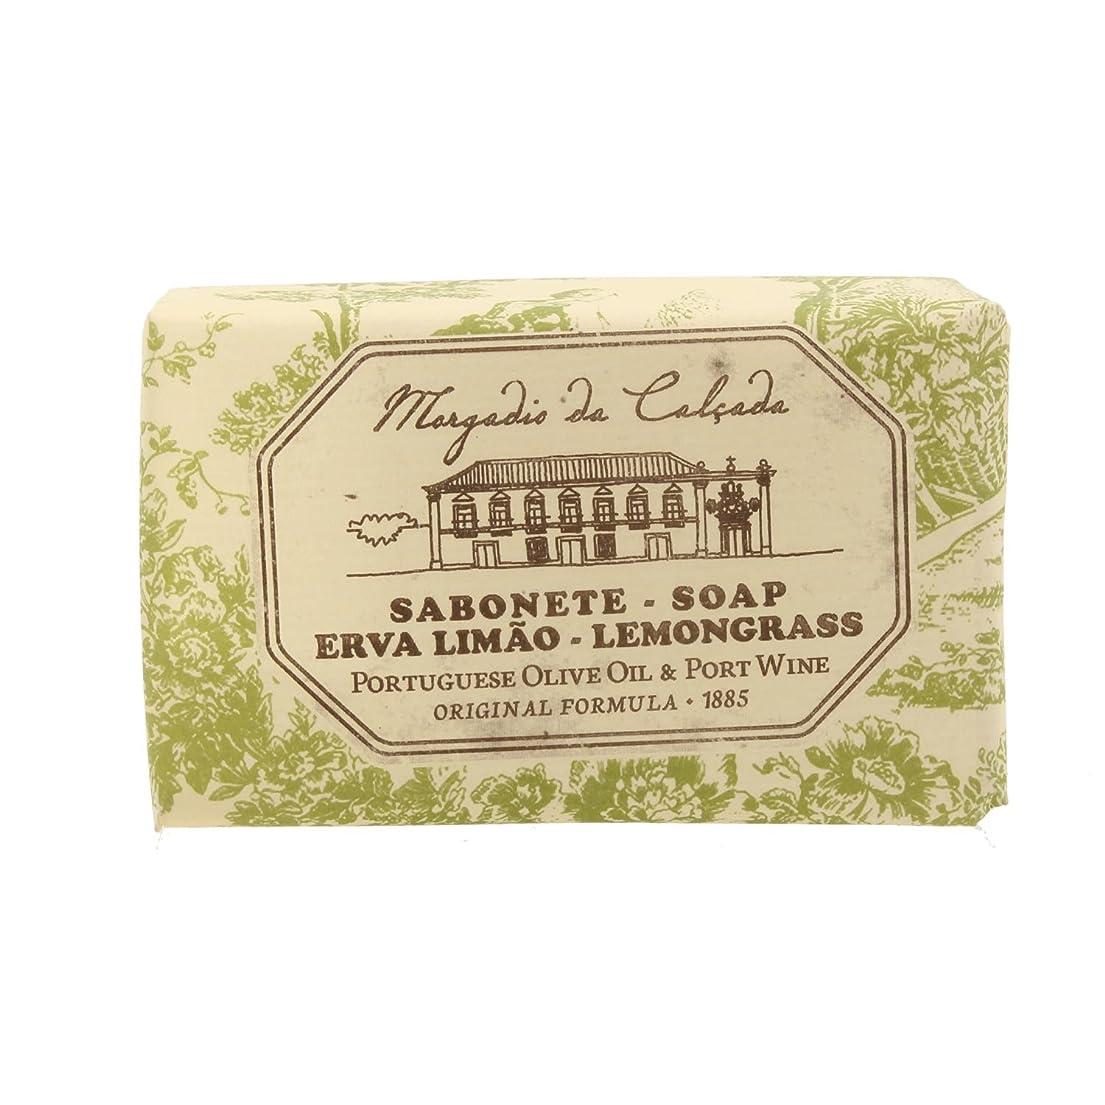 サラミ信念勤勉なモルガディオ ダ カルサダ ソープ レモングラス 95g